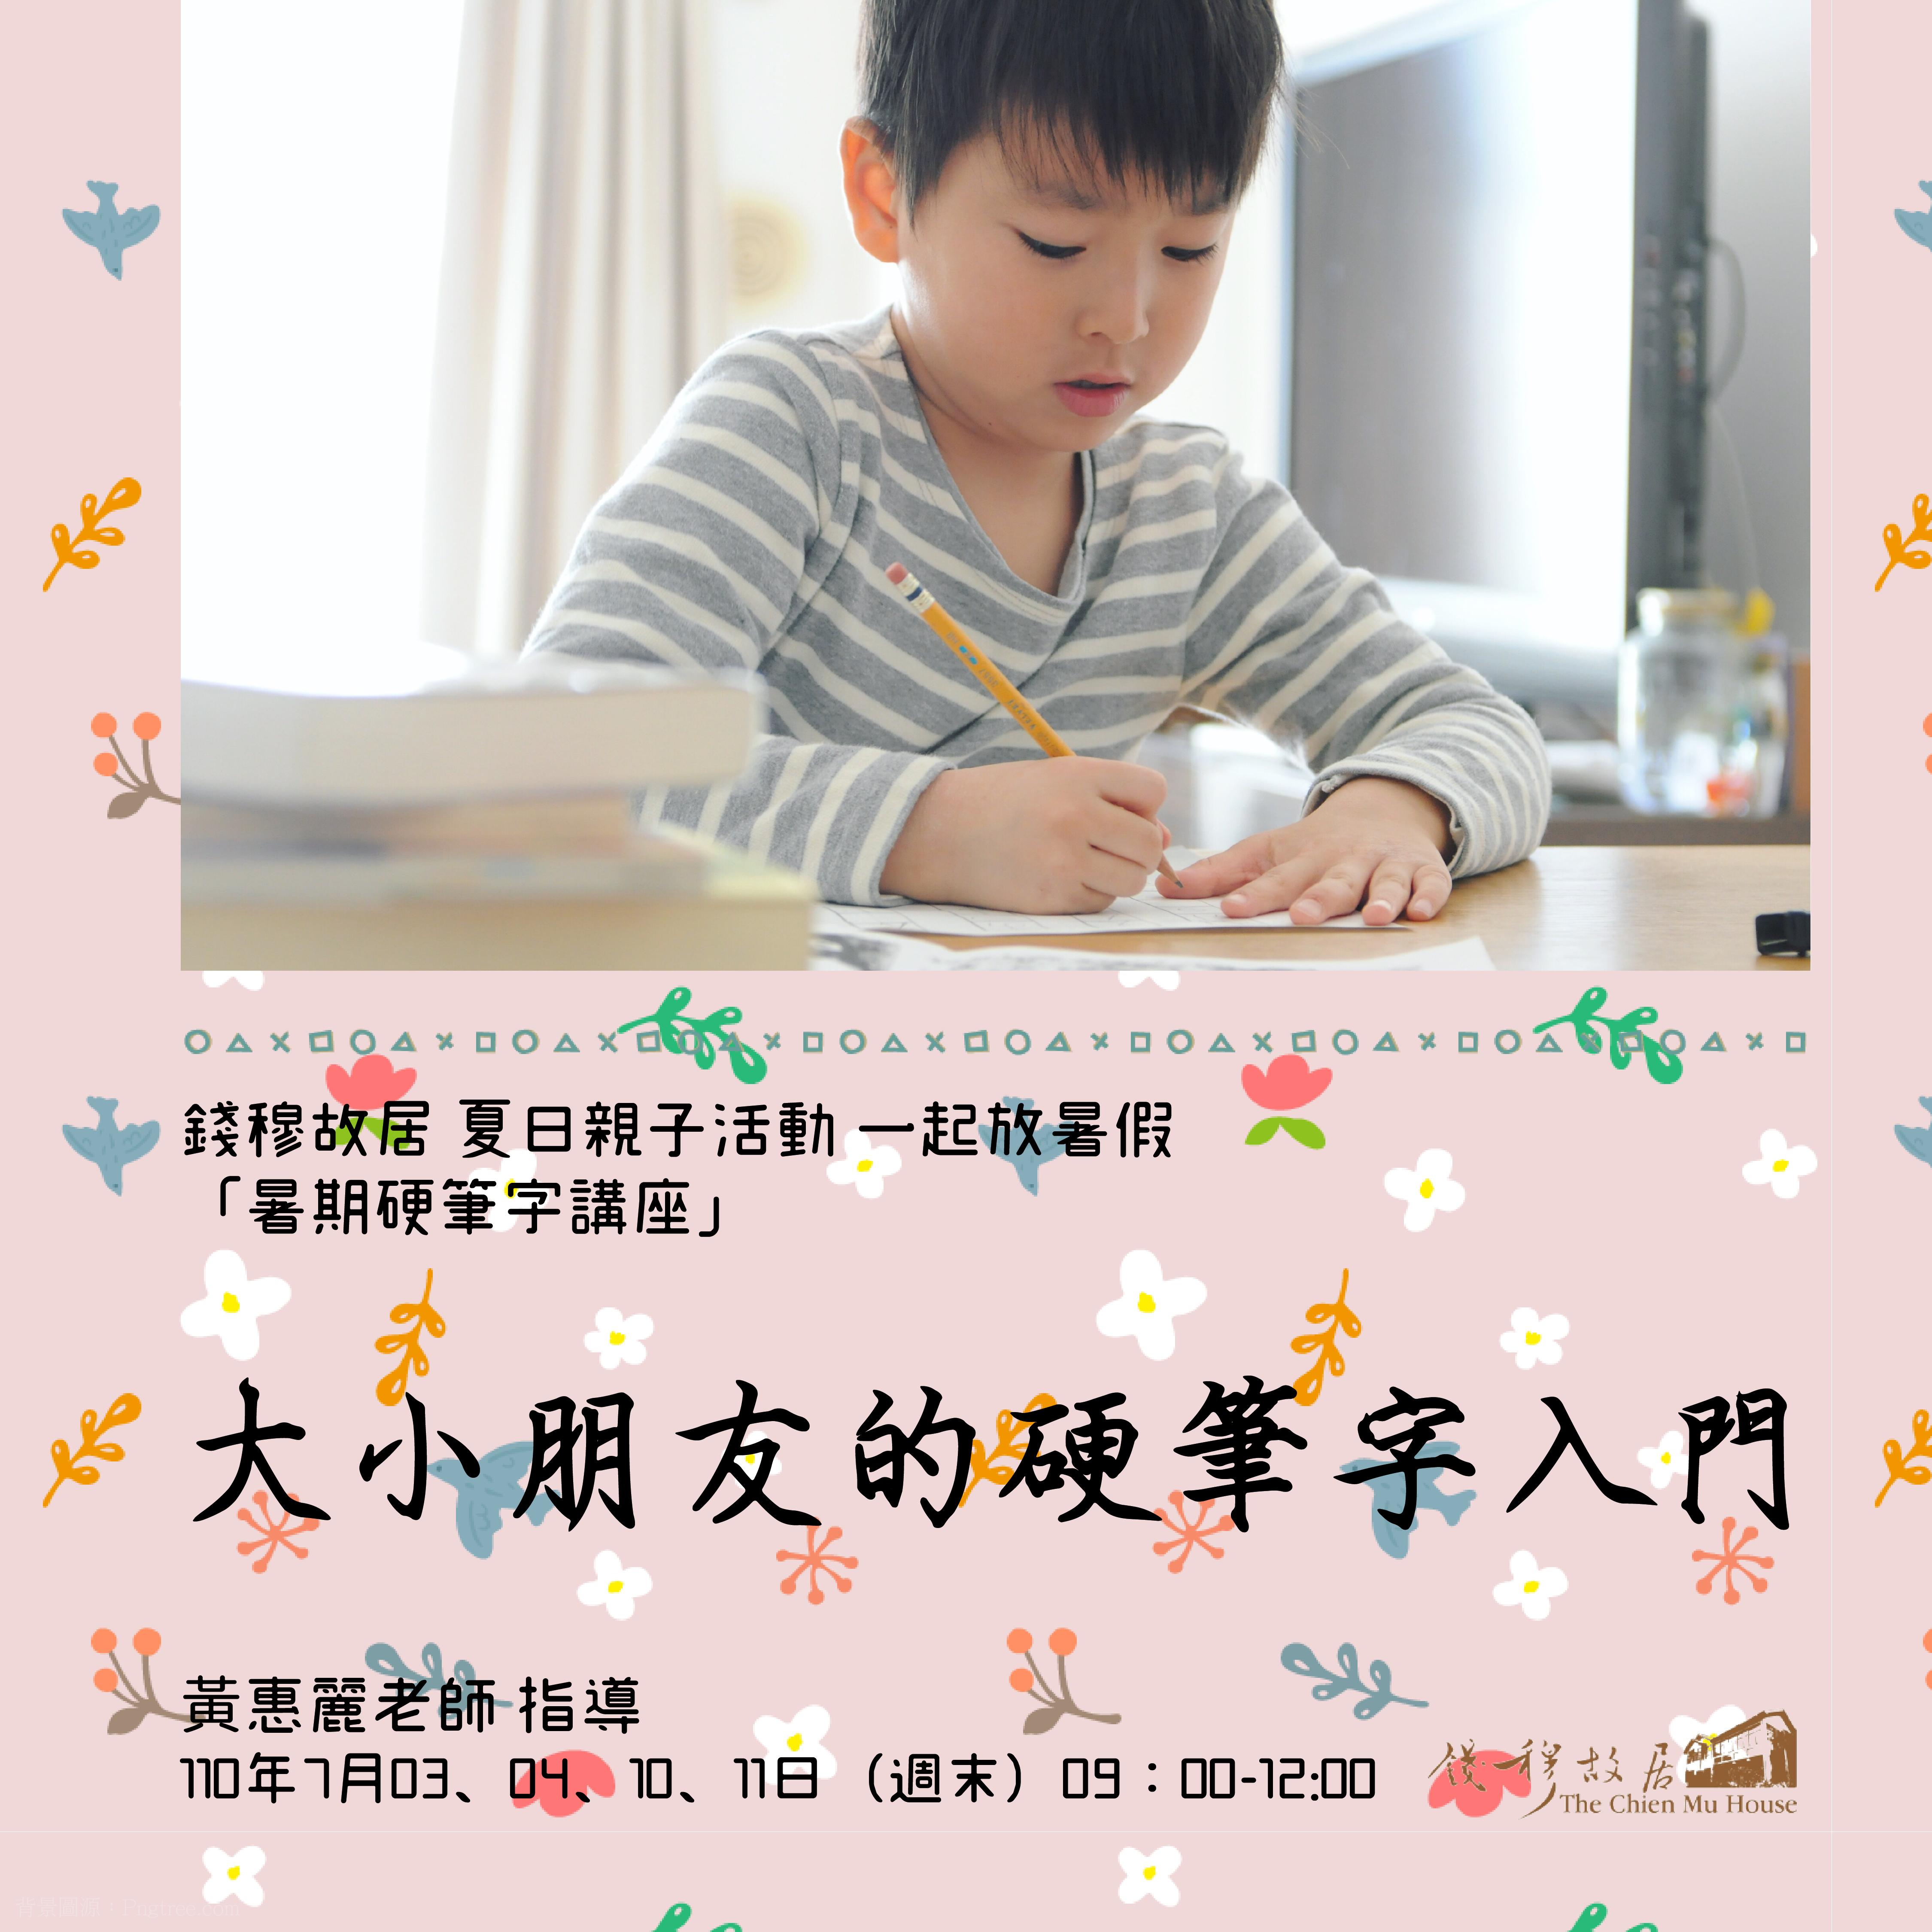 📝《錢穆故居夏日親子活動》:「黃惠麗老師的暑期硬筆字講座」,110年7月